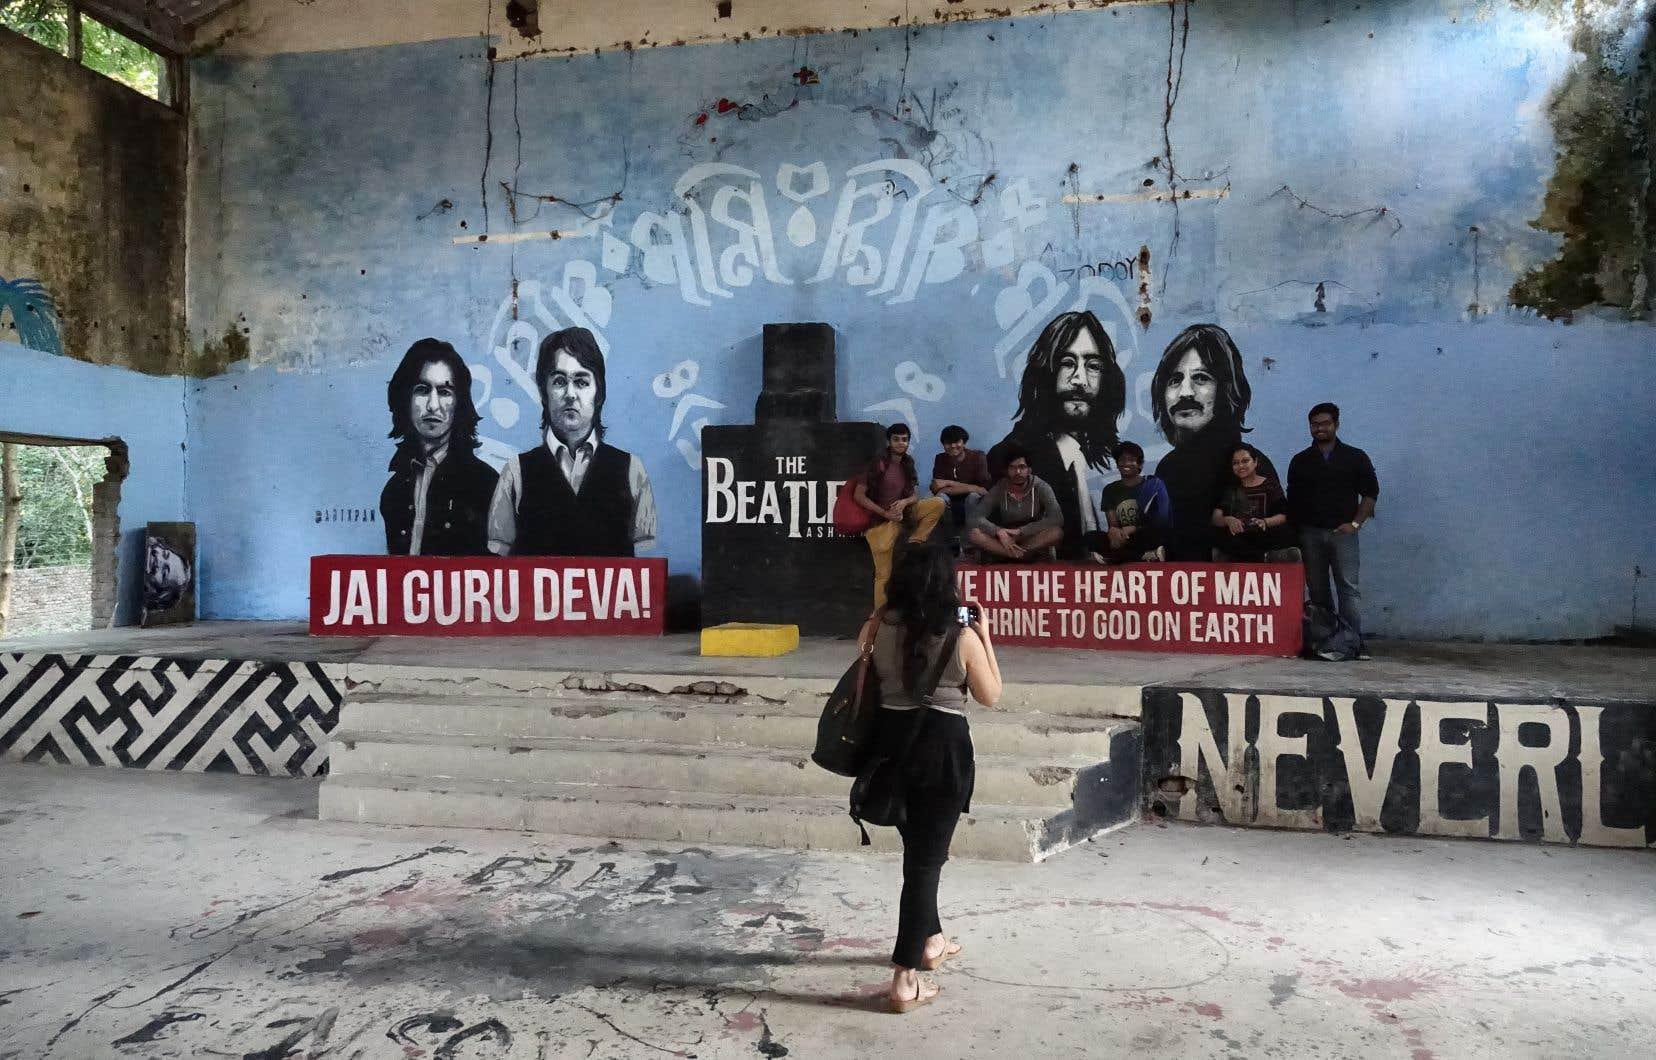 Un jeune graffiteur canadien, Pan Trinity Das, a réalisé 10 œuvres picturales sur les murs de l'ashram.